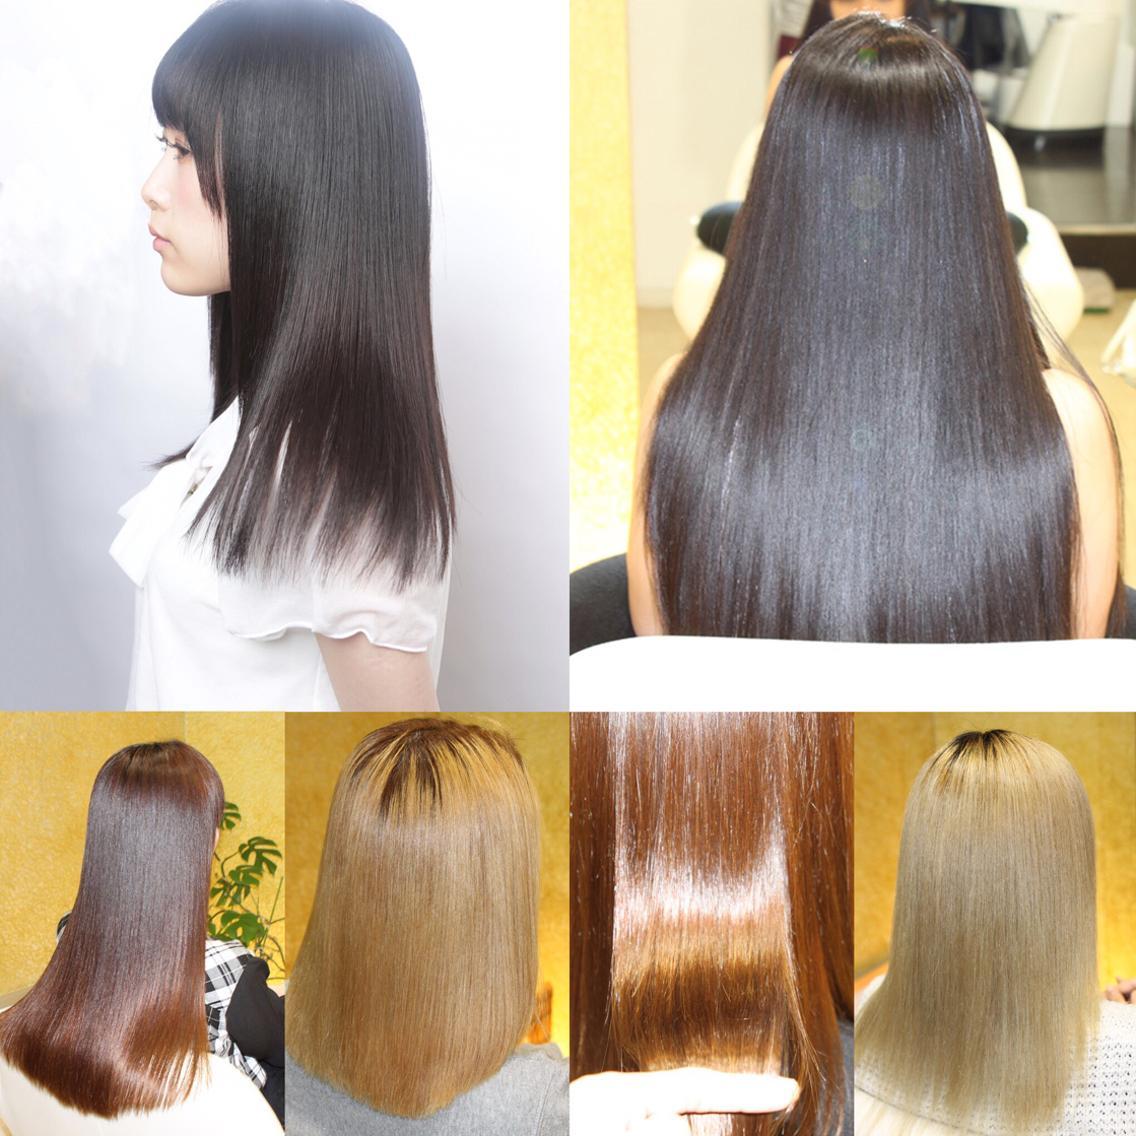 大好評の縮毛矯正‼️ダメージがひどく縮毛矯正を他店で断られた方でも大丈夫です!ブリーチ毛でも対応出来る縮毛矯正はやる前より超サラサラになります。・ミニモ限定特別クーポン50%〜70%OFF